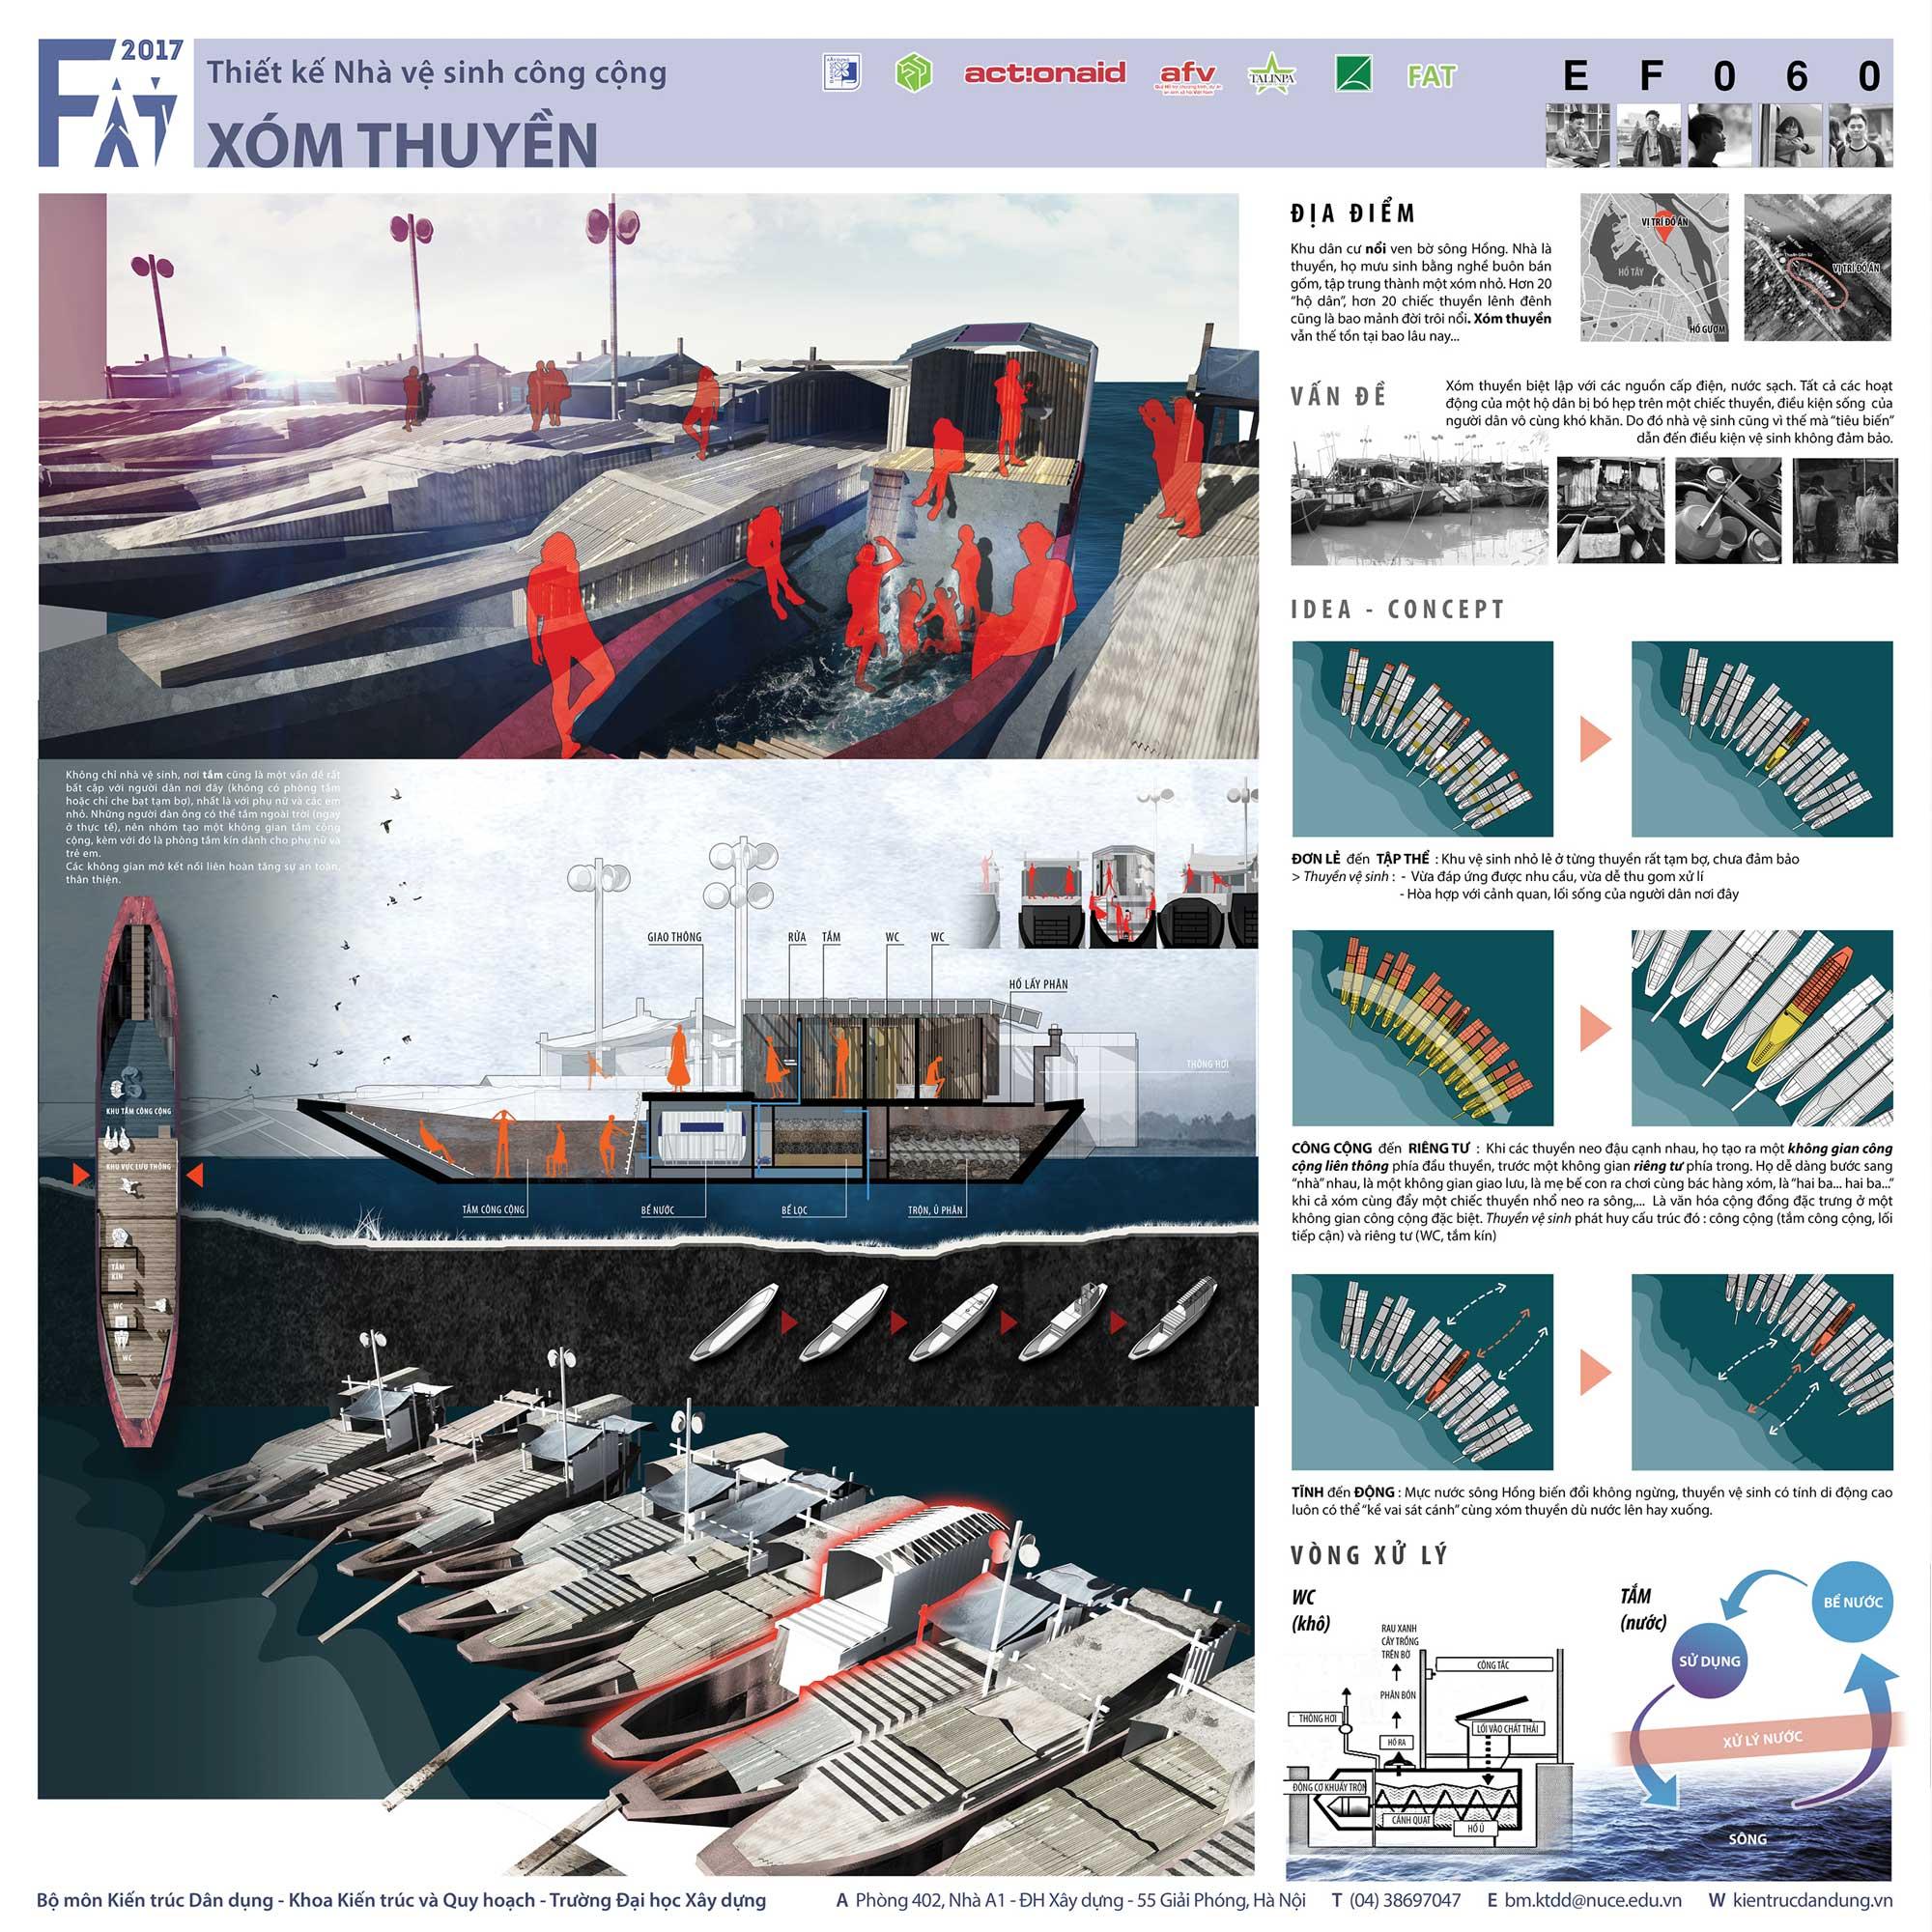 Giải Ba - Xóm thuyền (mã số EF060)